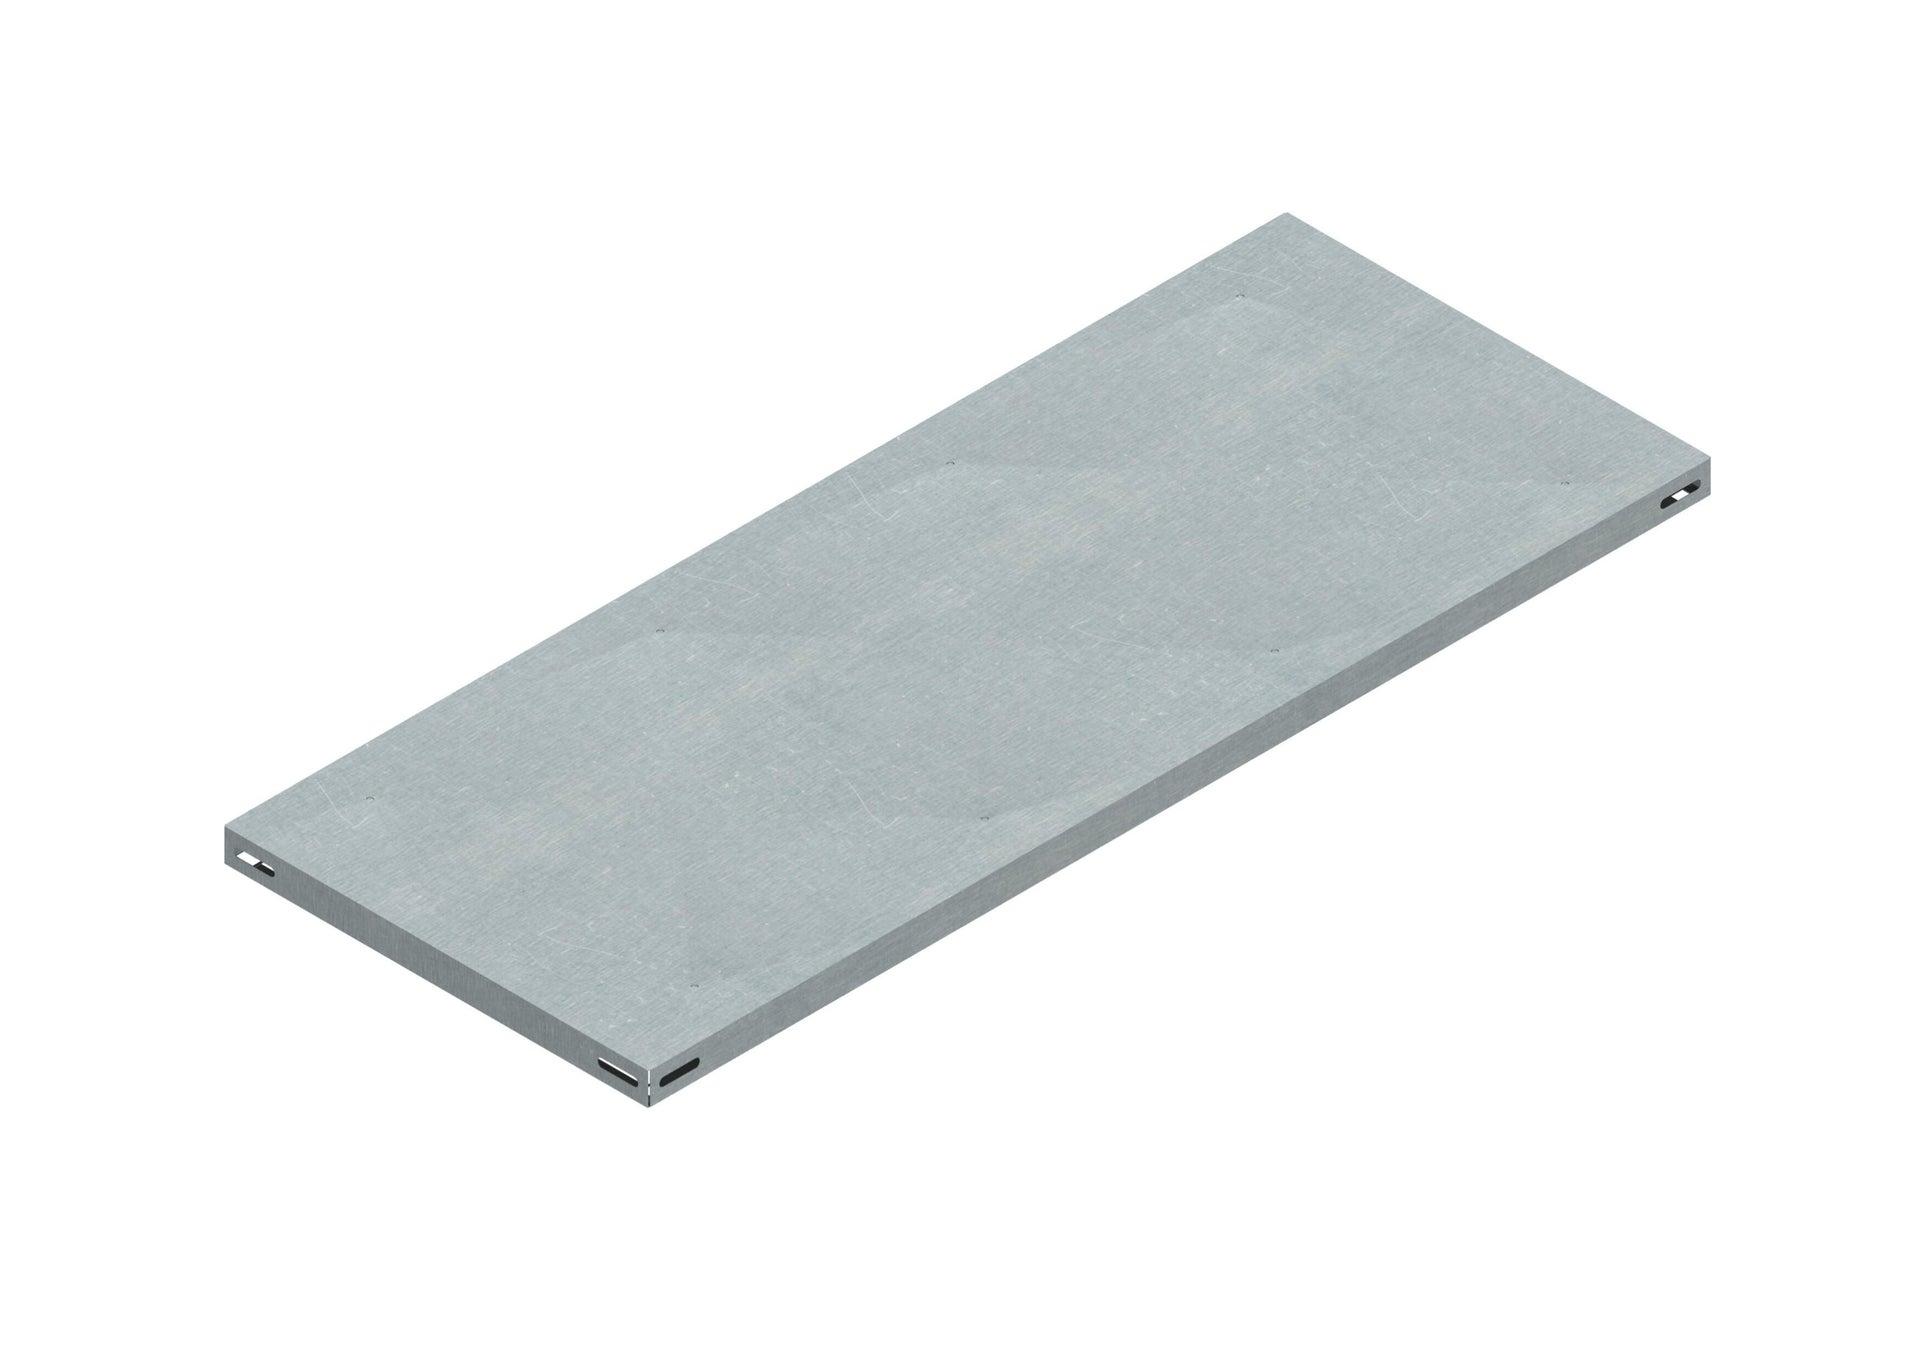 Set di 4 pezzi, Mensola LMIT L 80 x H 12 x P 0.5 cm grigio zincato - 1